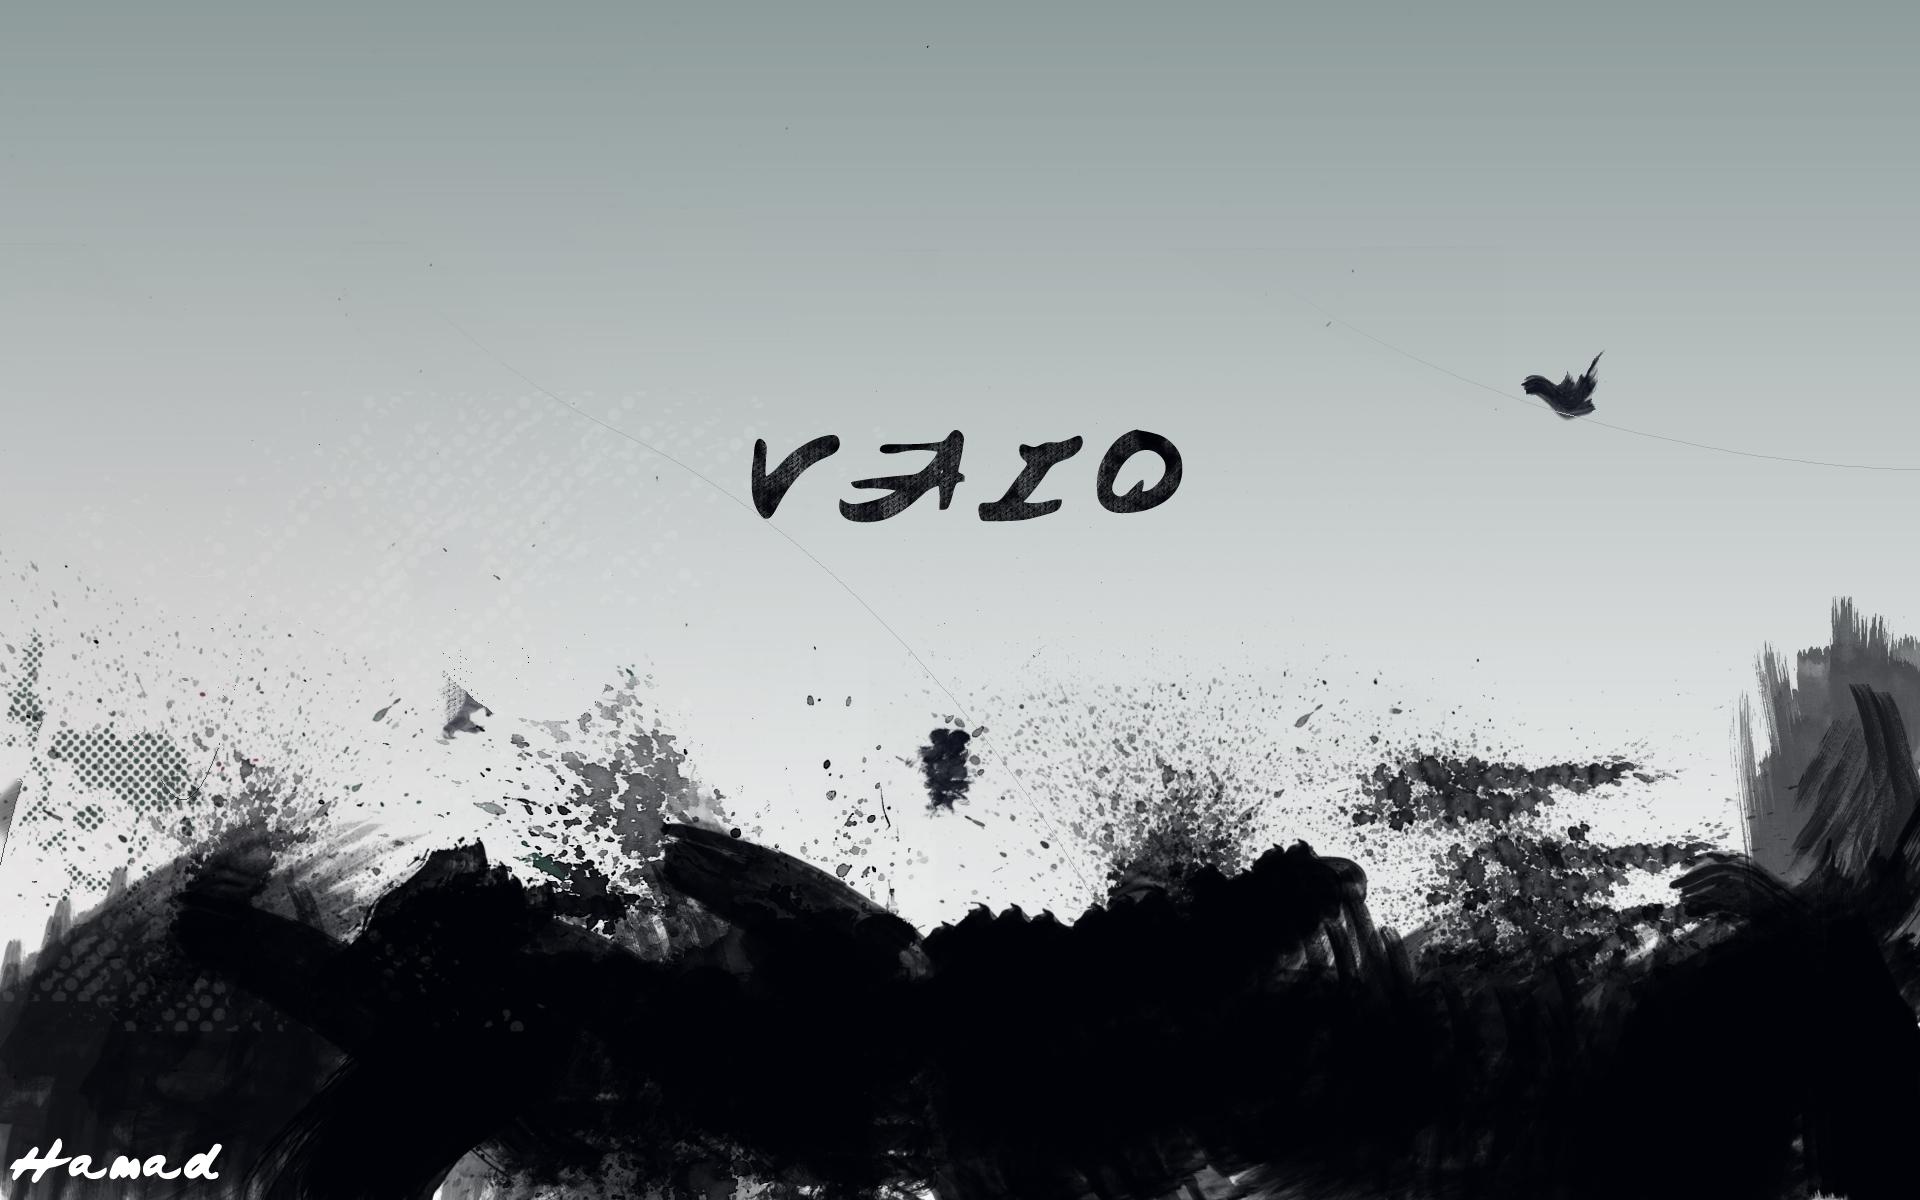 VAIO Ink Wallpaper By Juv10 On DeviantArt